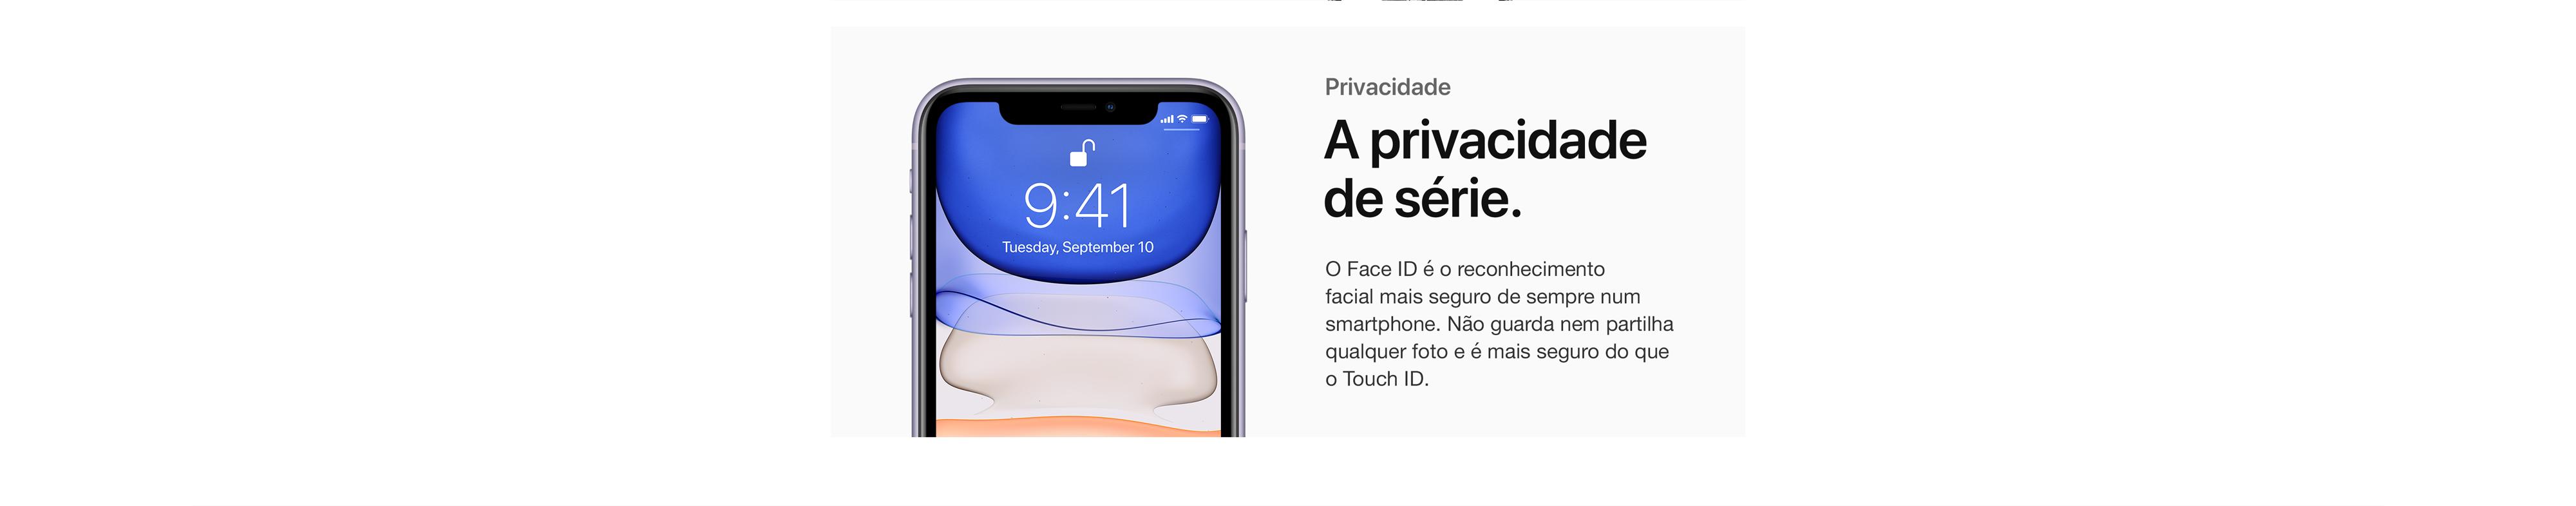 A privacidade de série.